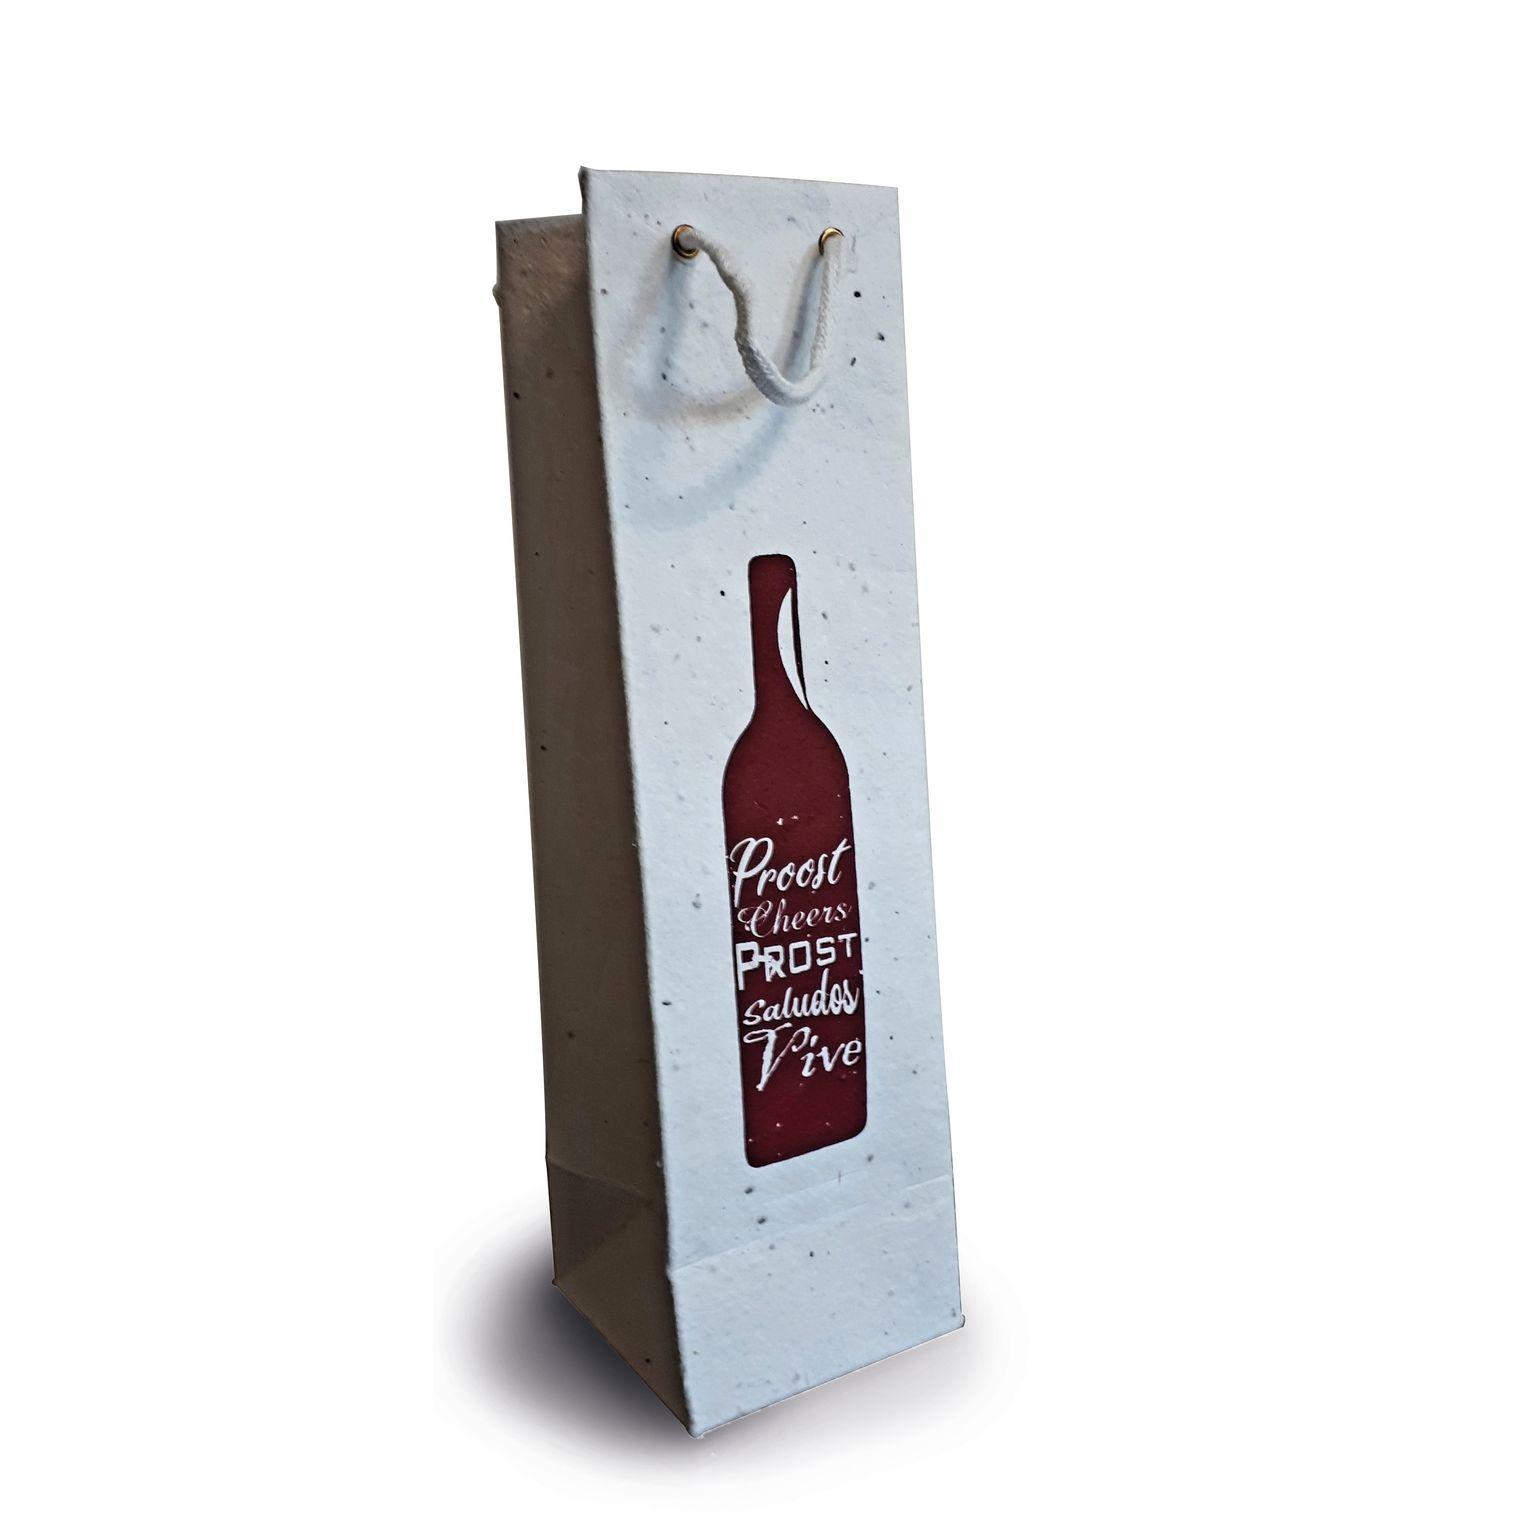 Sac à bouteille à semer Objets publicitaires  personnalisation  FRANCE SUD PIERRE IDEES NATURE goodies personnalisation marseille